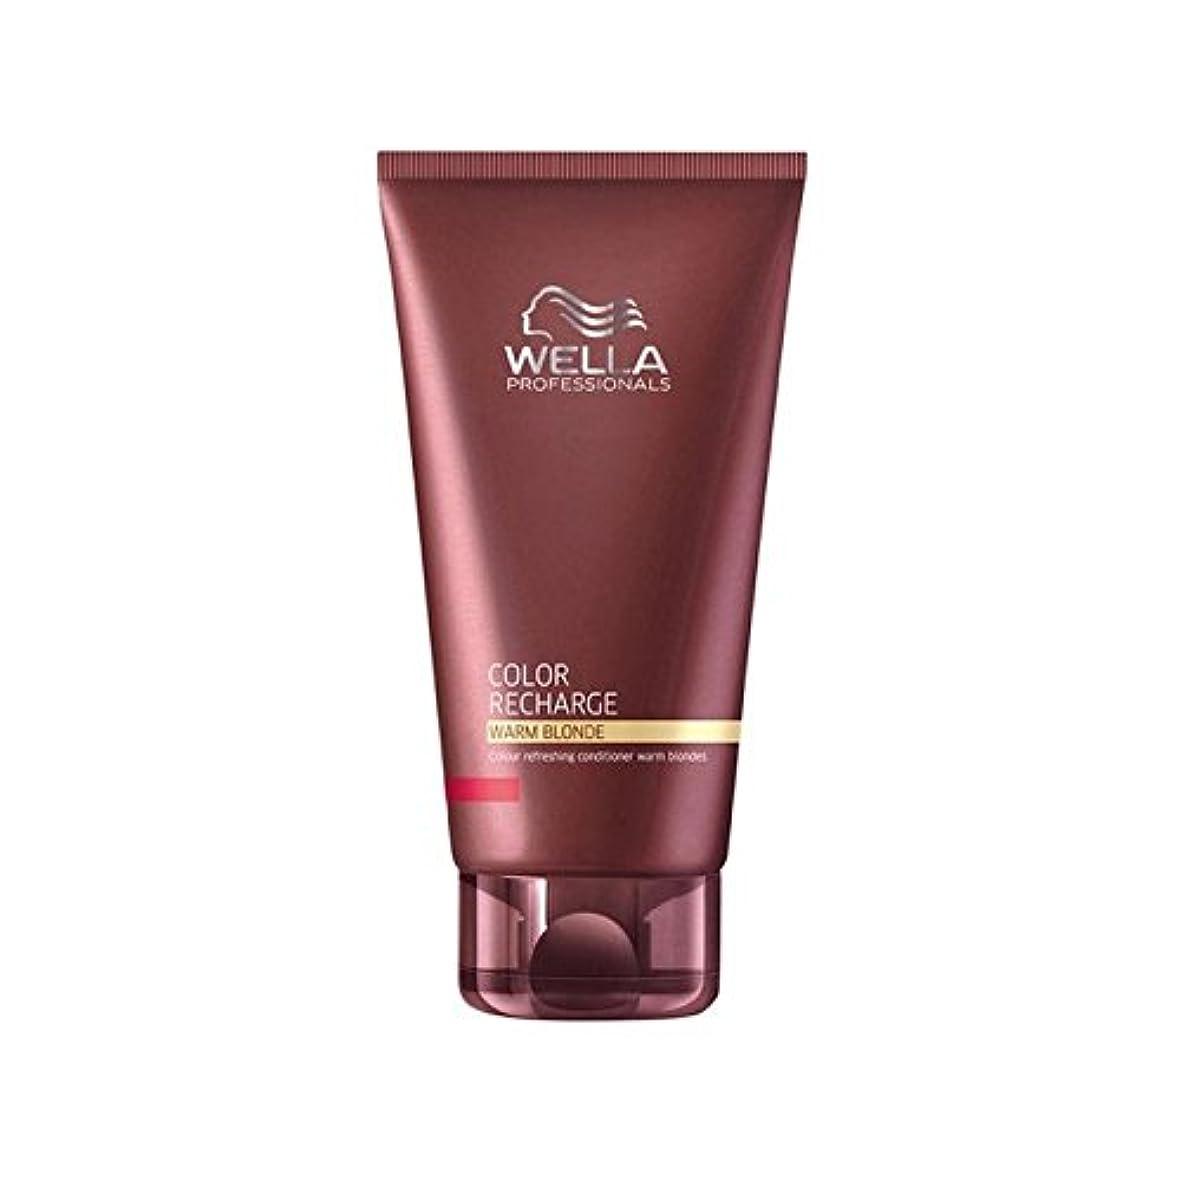 レンダリングシードくまウエラ専門家のカラー再充電コンディショナー暖かいブロンド(200ミリリットル) x4 - Wella Professionals Color Recharge Conditioner Warm Blonde (200ml...